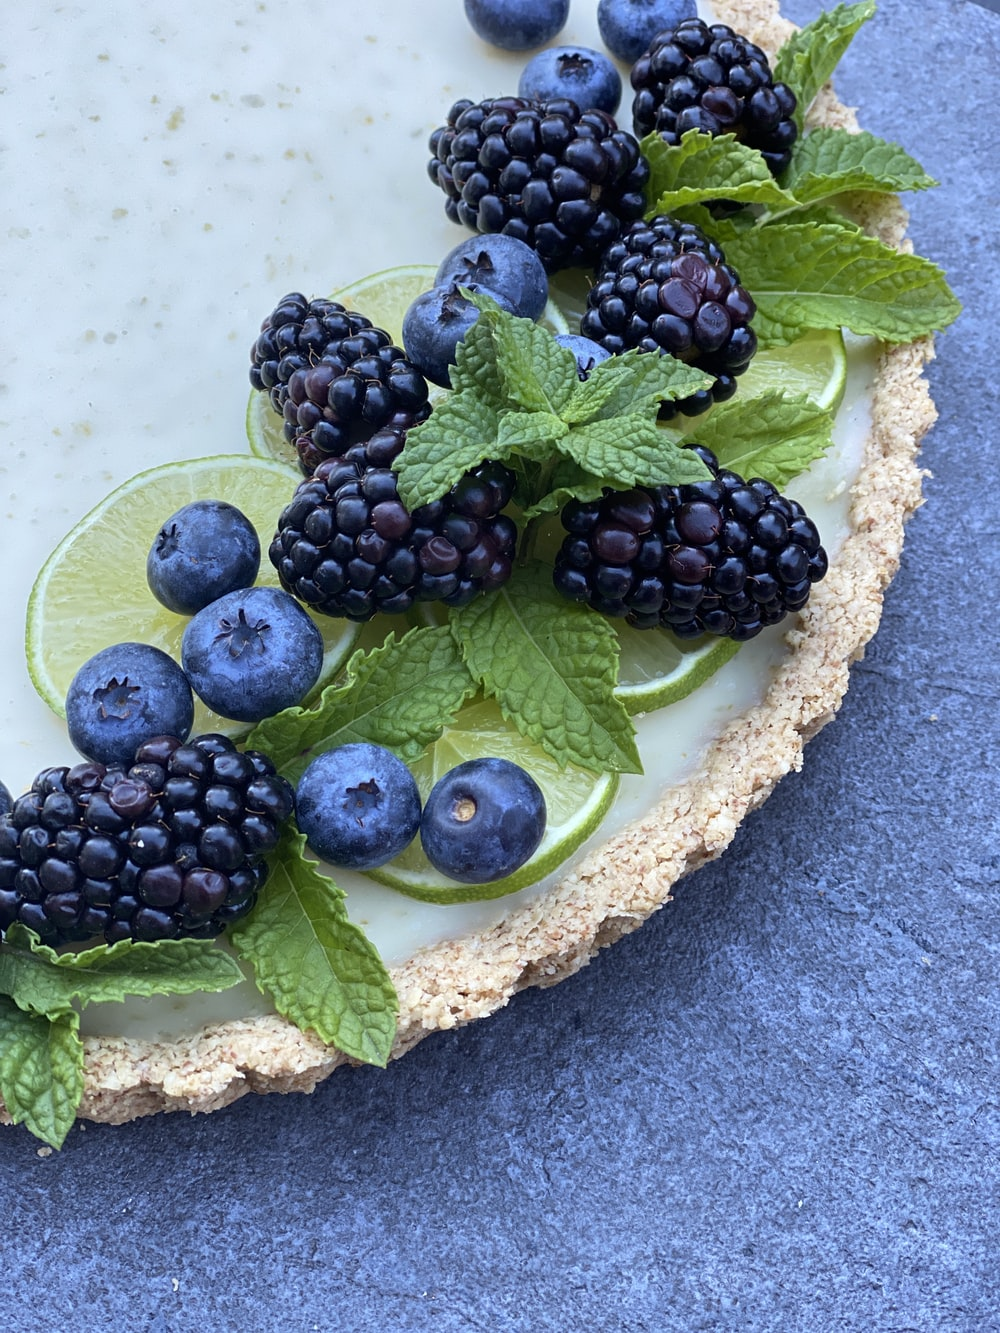 black berries on green leaf